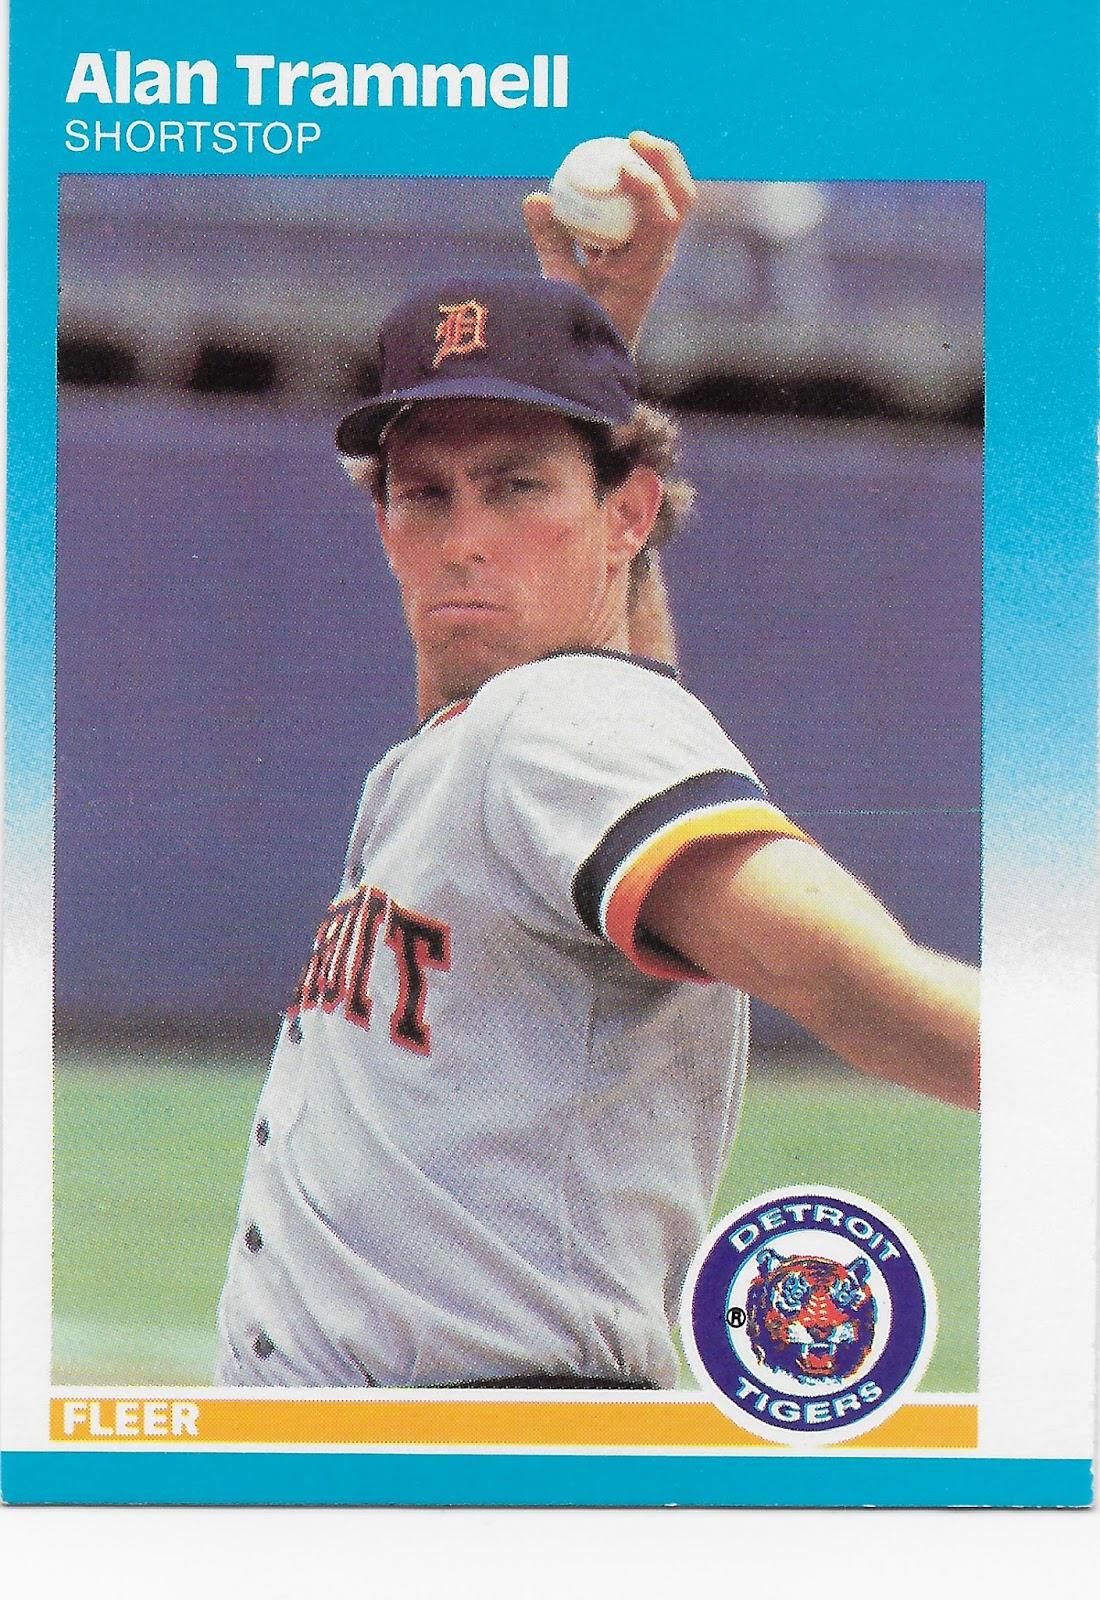 Base Set Calling I Scored Some Baseball Card Heritage Today